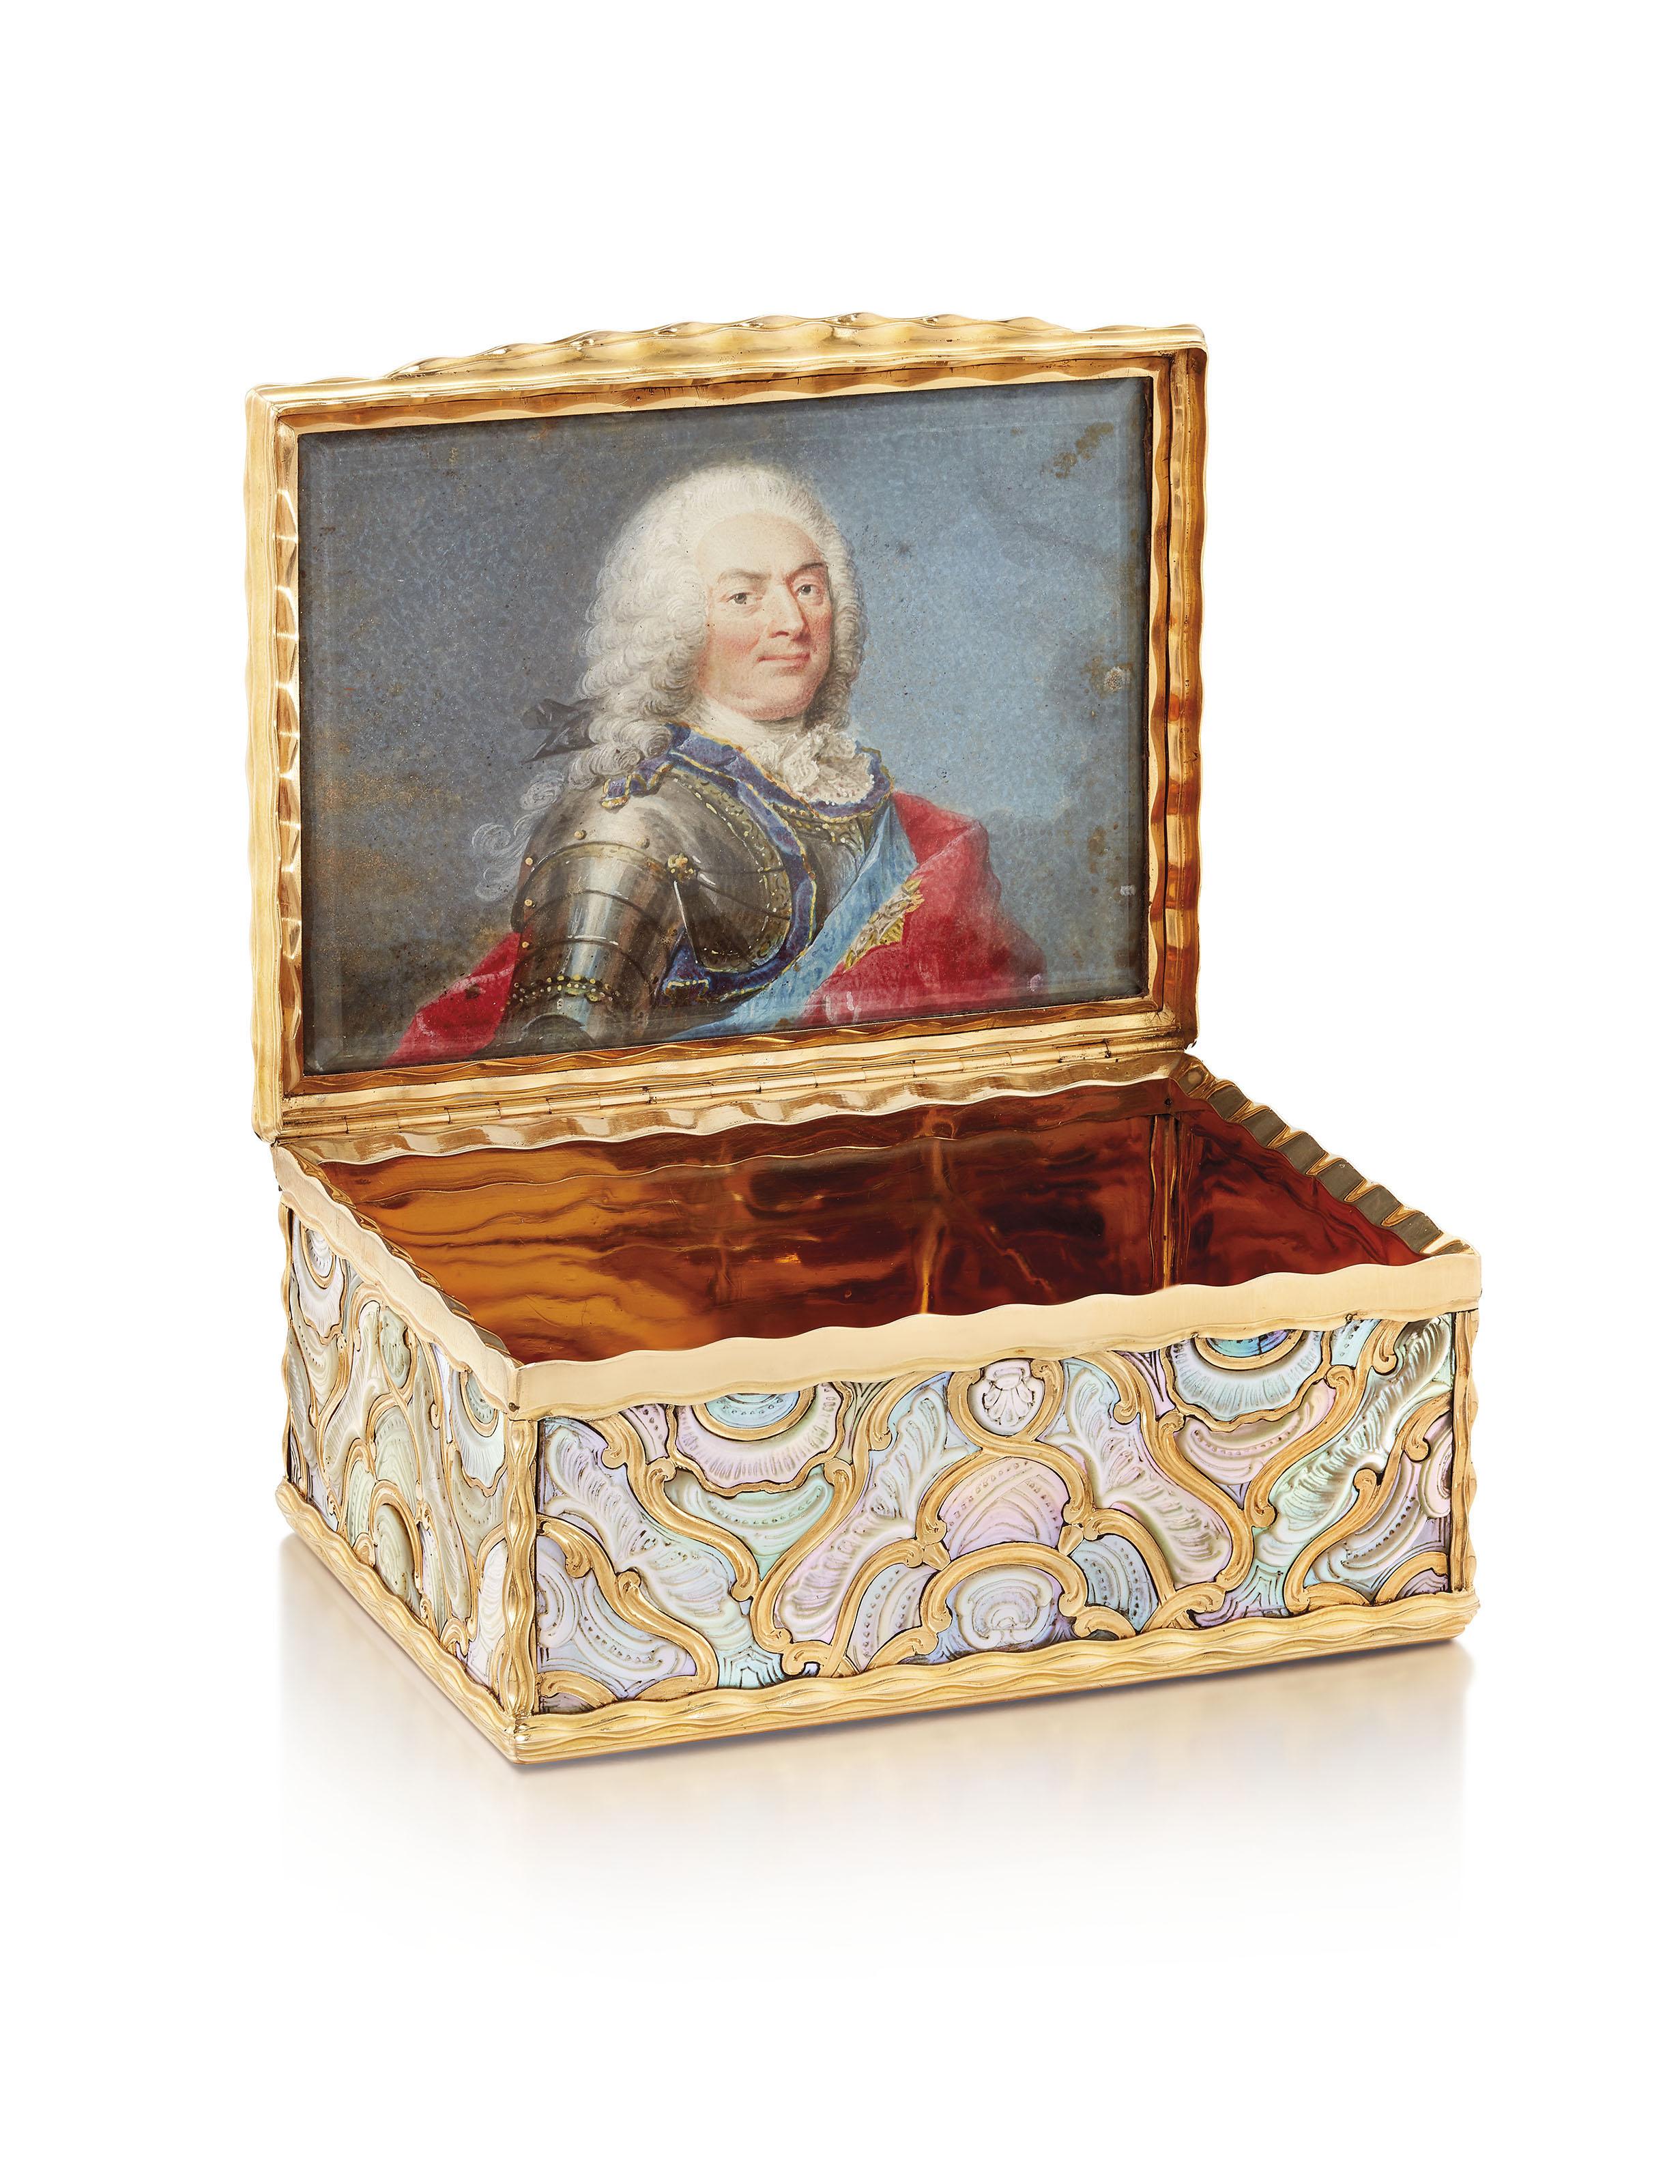 德国黄金镶嵌珍珠母贝鼻烟盒,可能为柏林制,约1745年,附有法国1819至1838年间使用的限制保证金标。宽3 18英寸(80毫米)。此拍品于2019年12月5日在佳士得伦敦售出,成交价175,000英镑